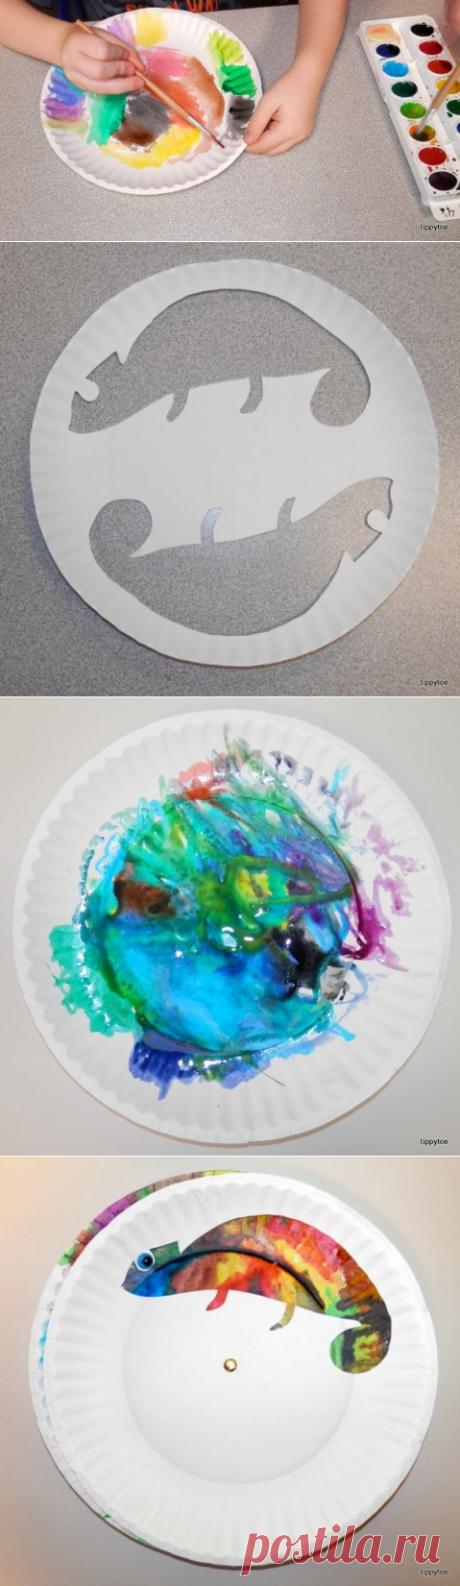 Chameleons on paper - Hand-made articles with children | Detkipodelki